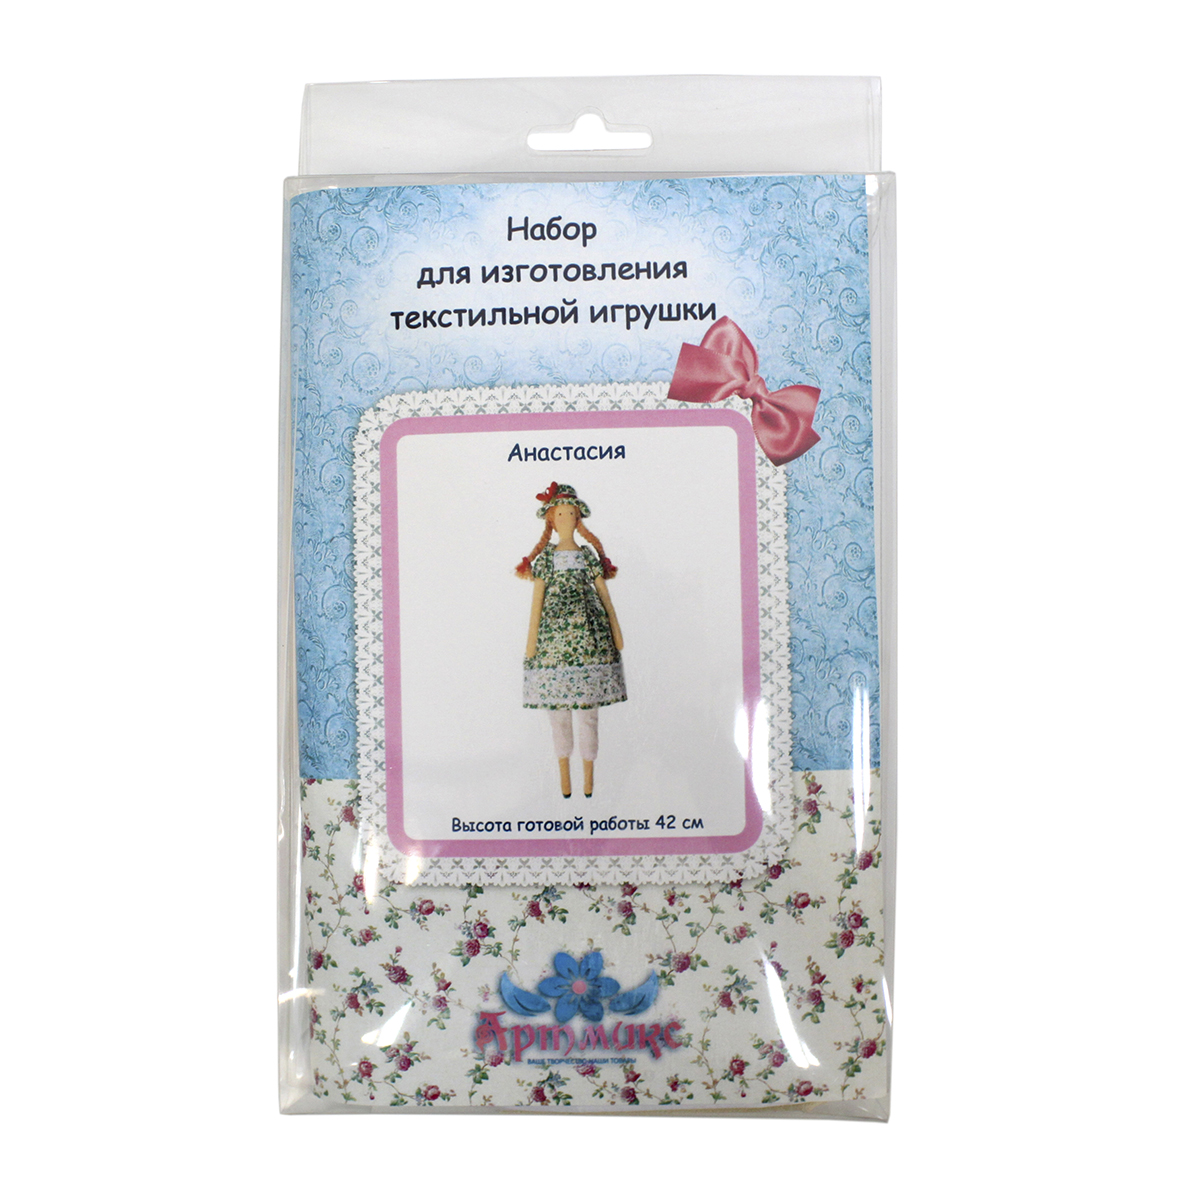 Набор для изготовления игрушки Артмикс Анастасия, высота 42 см. AM100022 набор для изготовления текстильной игрушки артмикс мишка папа высота 25 см